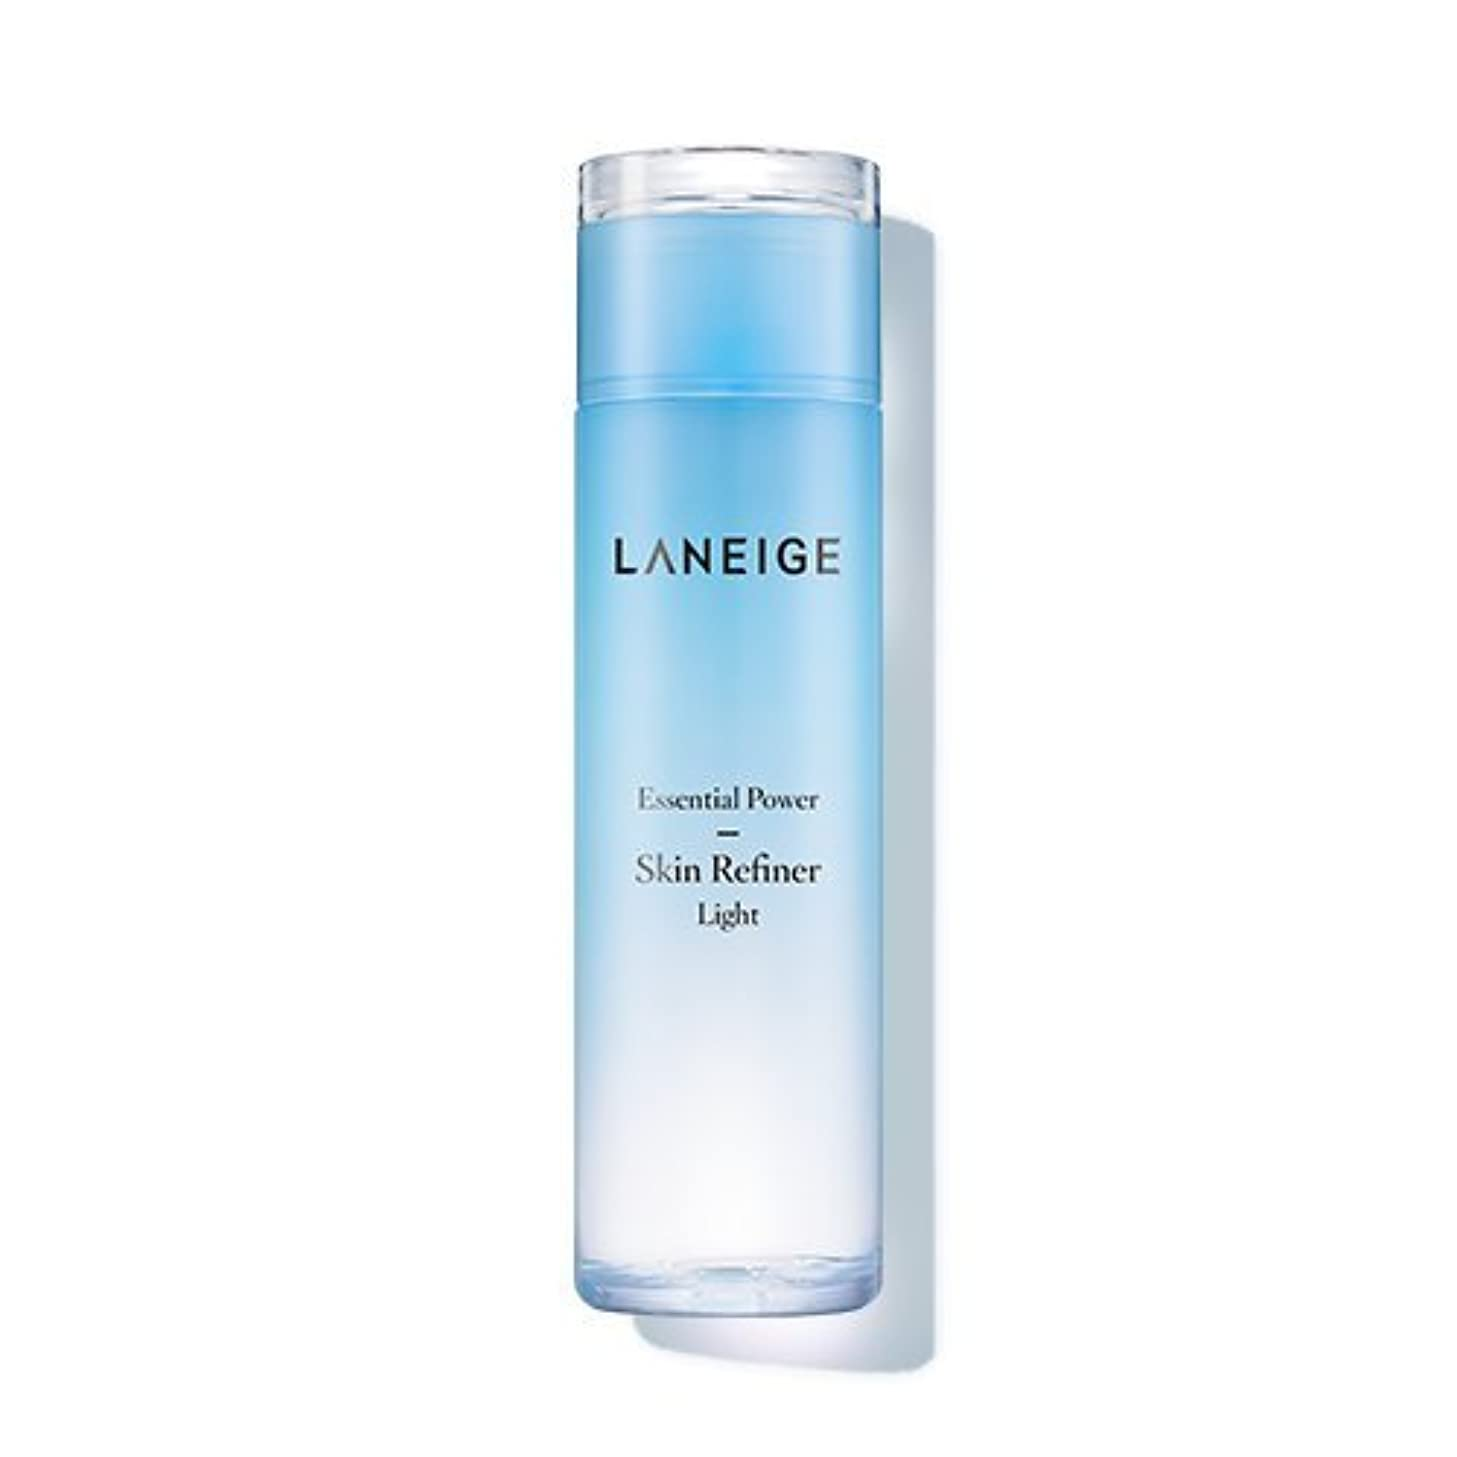 概して織機スリップLANEIGE Essential Power Skin Refiner Light 200ml/ラネージュ エッセンシャル パワー スキン リファイナー ライト 200ml [並行輸入品]